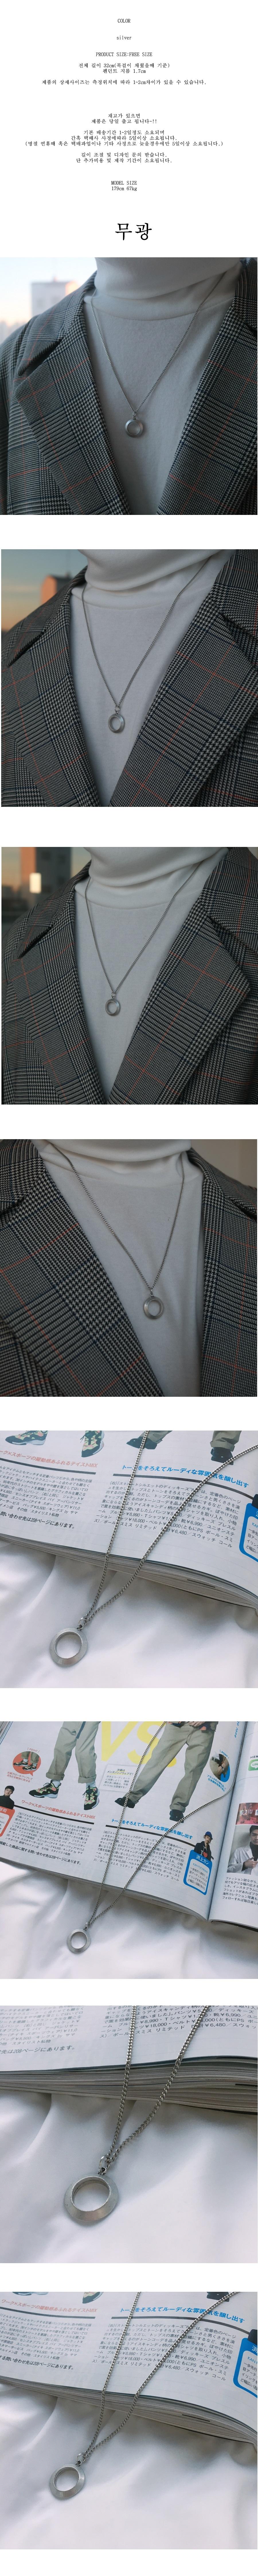 남녀공용 코인 남자 목걸이16,000원-빅애플주얼리/시계, 목걸이, 패션, 패션목걸이바보사랑남녀공용 코인 남자 목걸이16,000원-빅애플주얼리/시계, 목걸이, 패션, 패션목걸이바보사랑